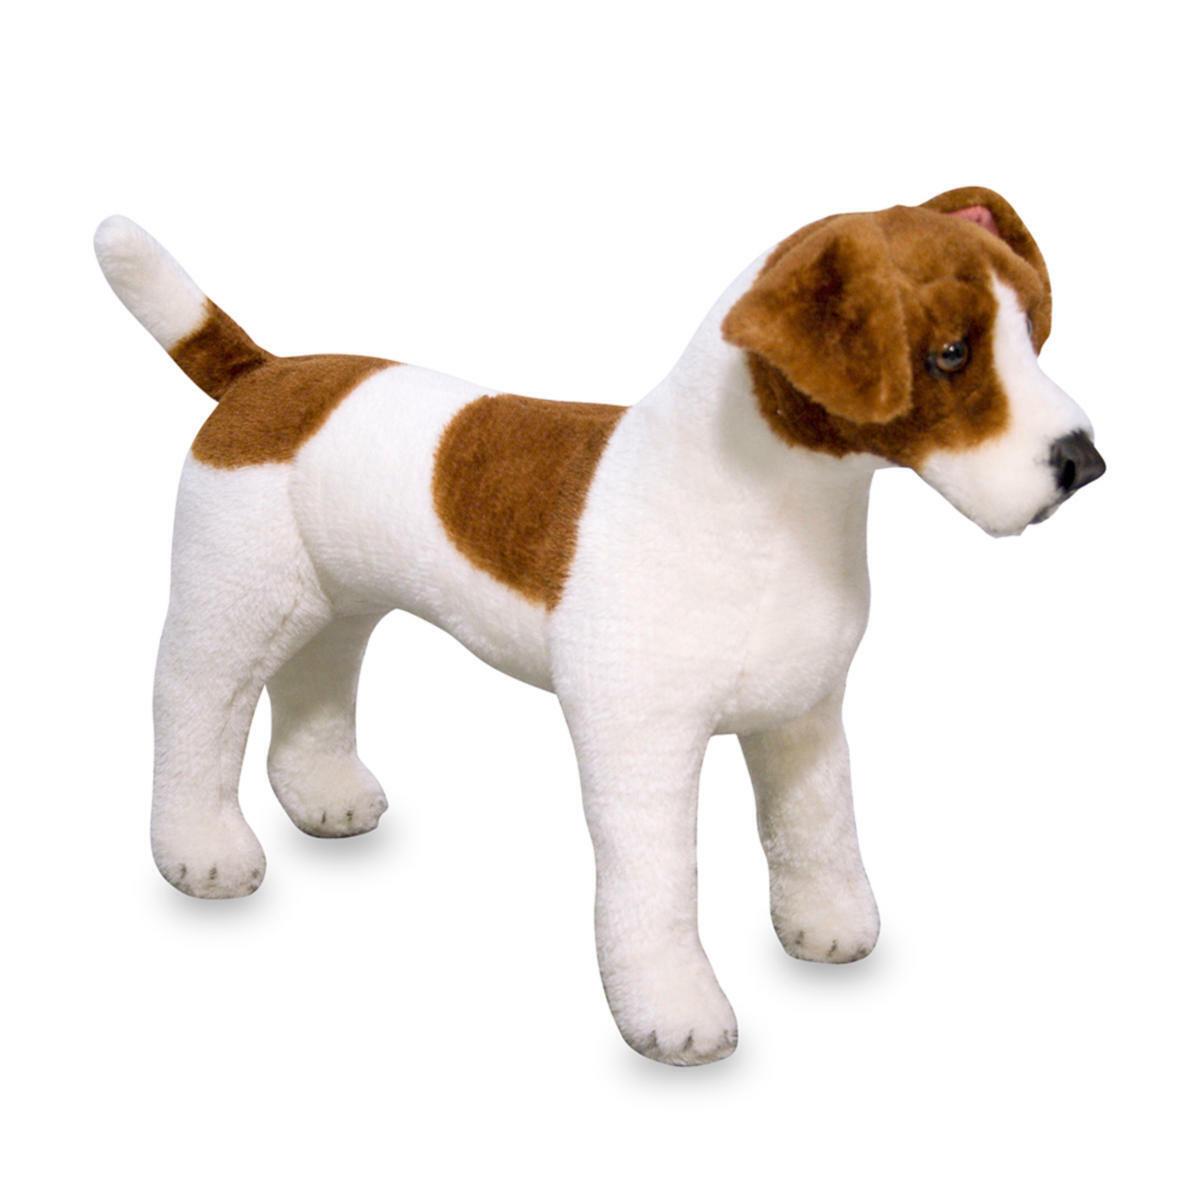 Jack Russell Terrier Plüschtier Kuscheltier Hund stehend Stofftier 32 x 48 cm